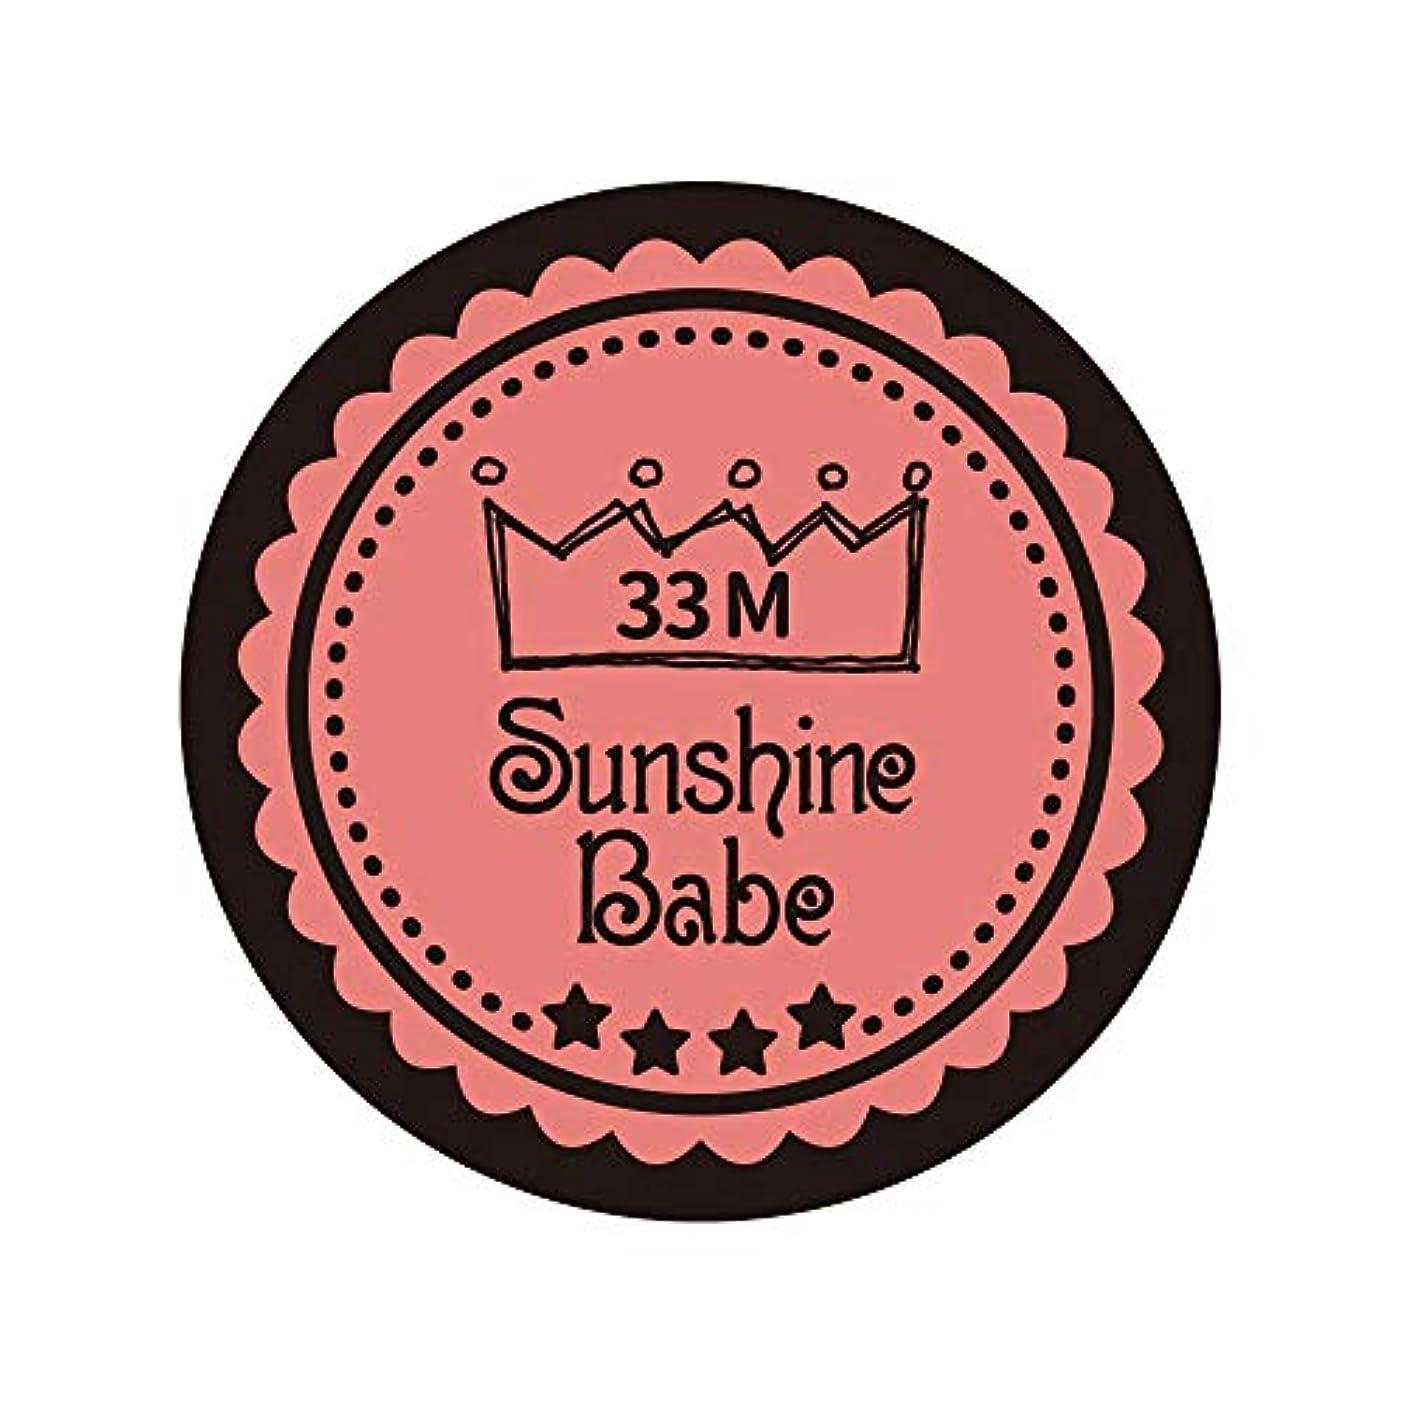 眠っている朝移植Sunshine Babe カラージェル 33M ベイクドコーラルピンク 4g UV/LED対応